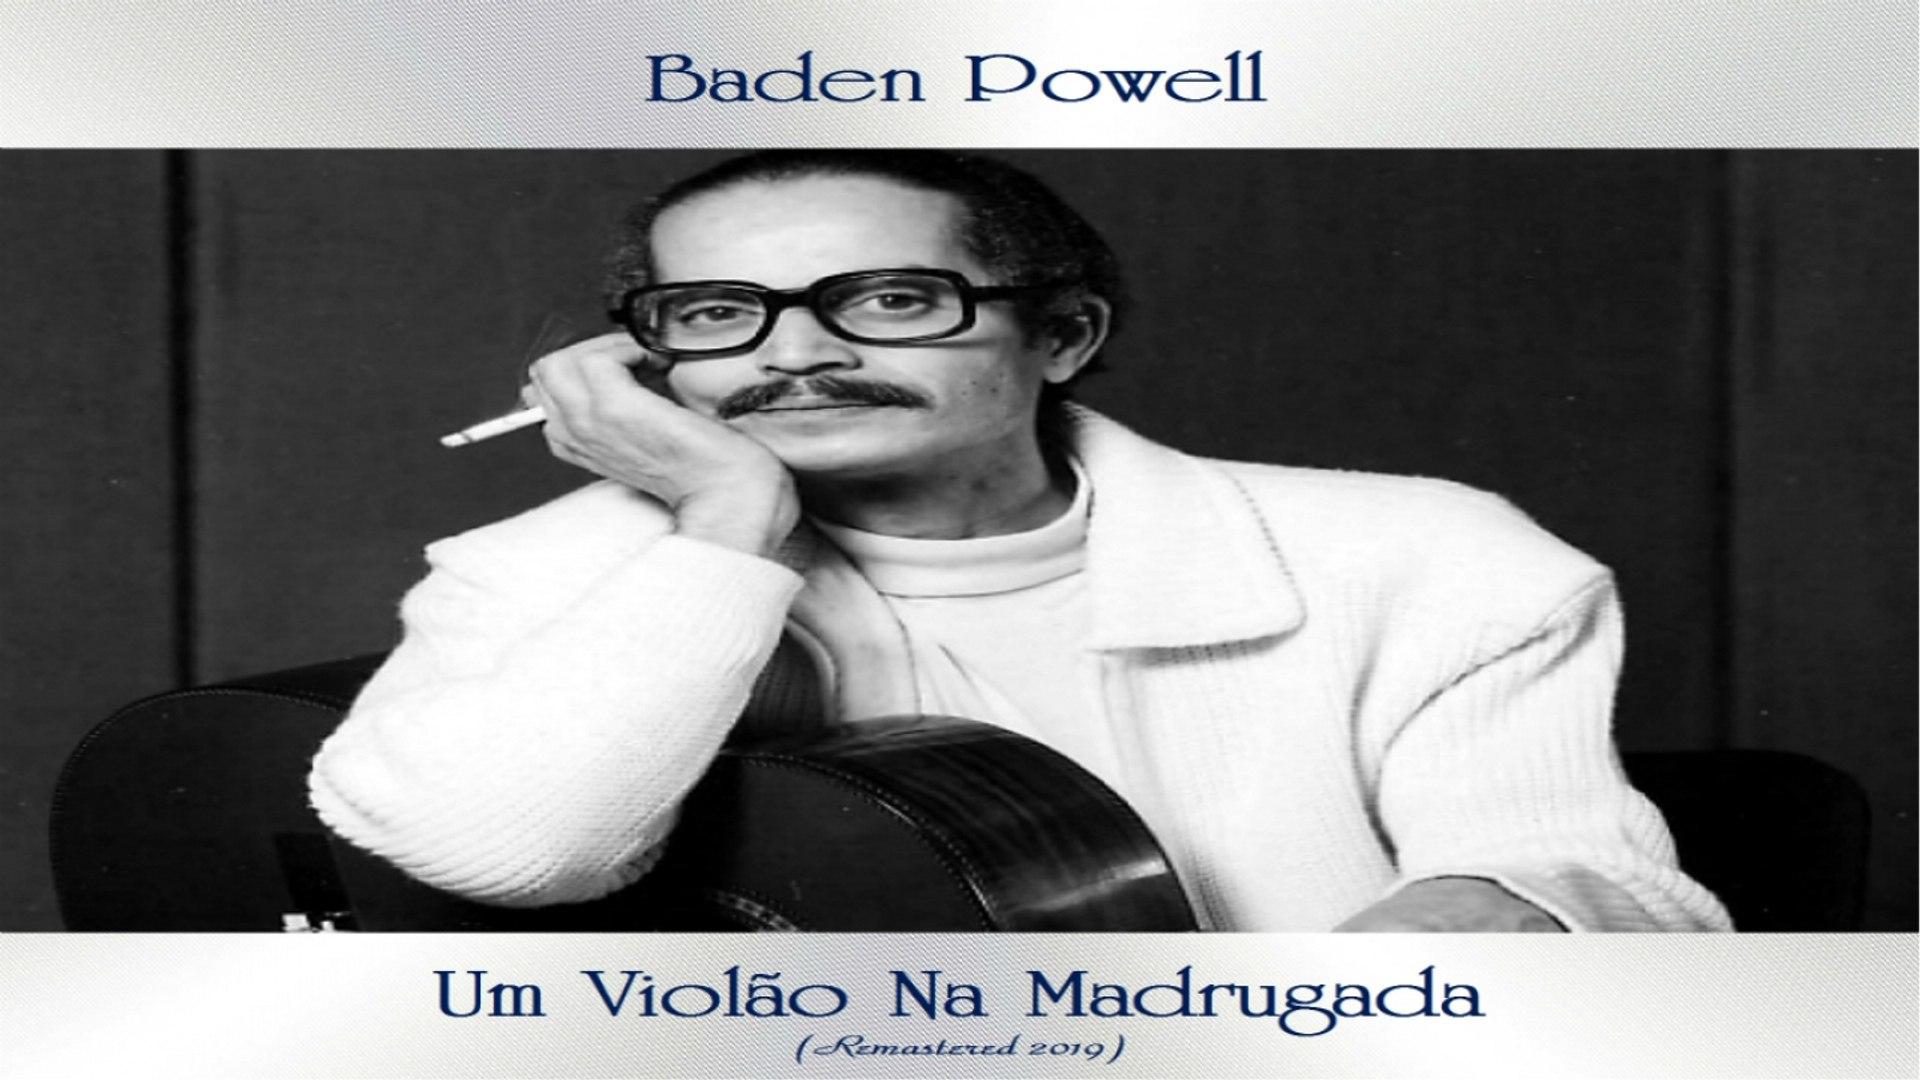 Baden Powell - Um Violão Na Madrugada - Latin/Bossa Nova - Top Album - Remastered 2019 - Full Album